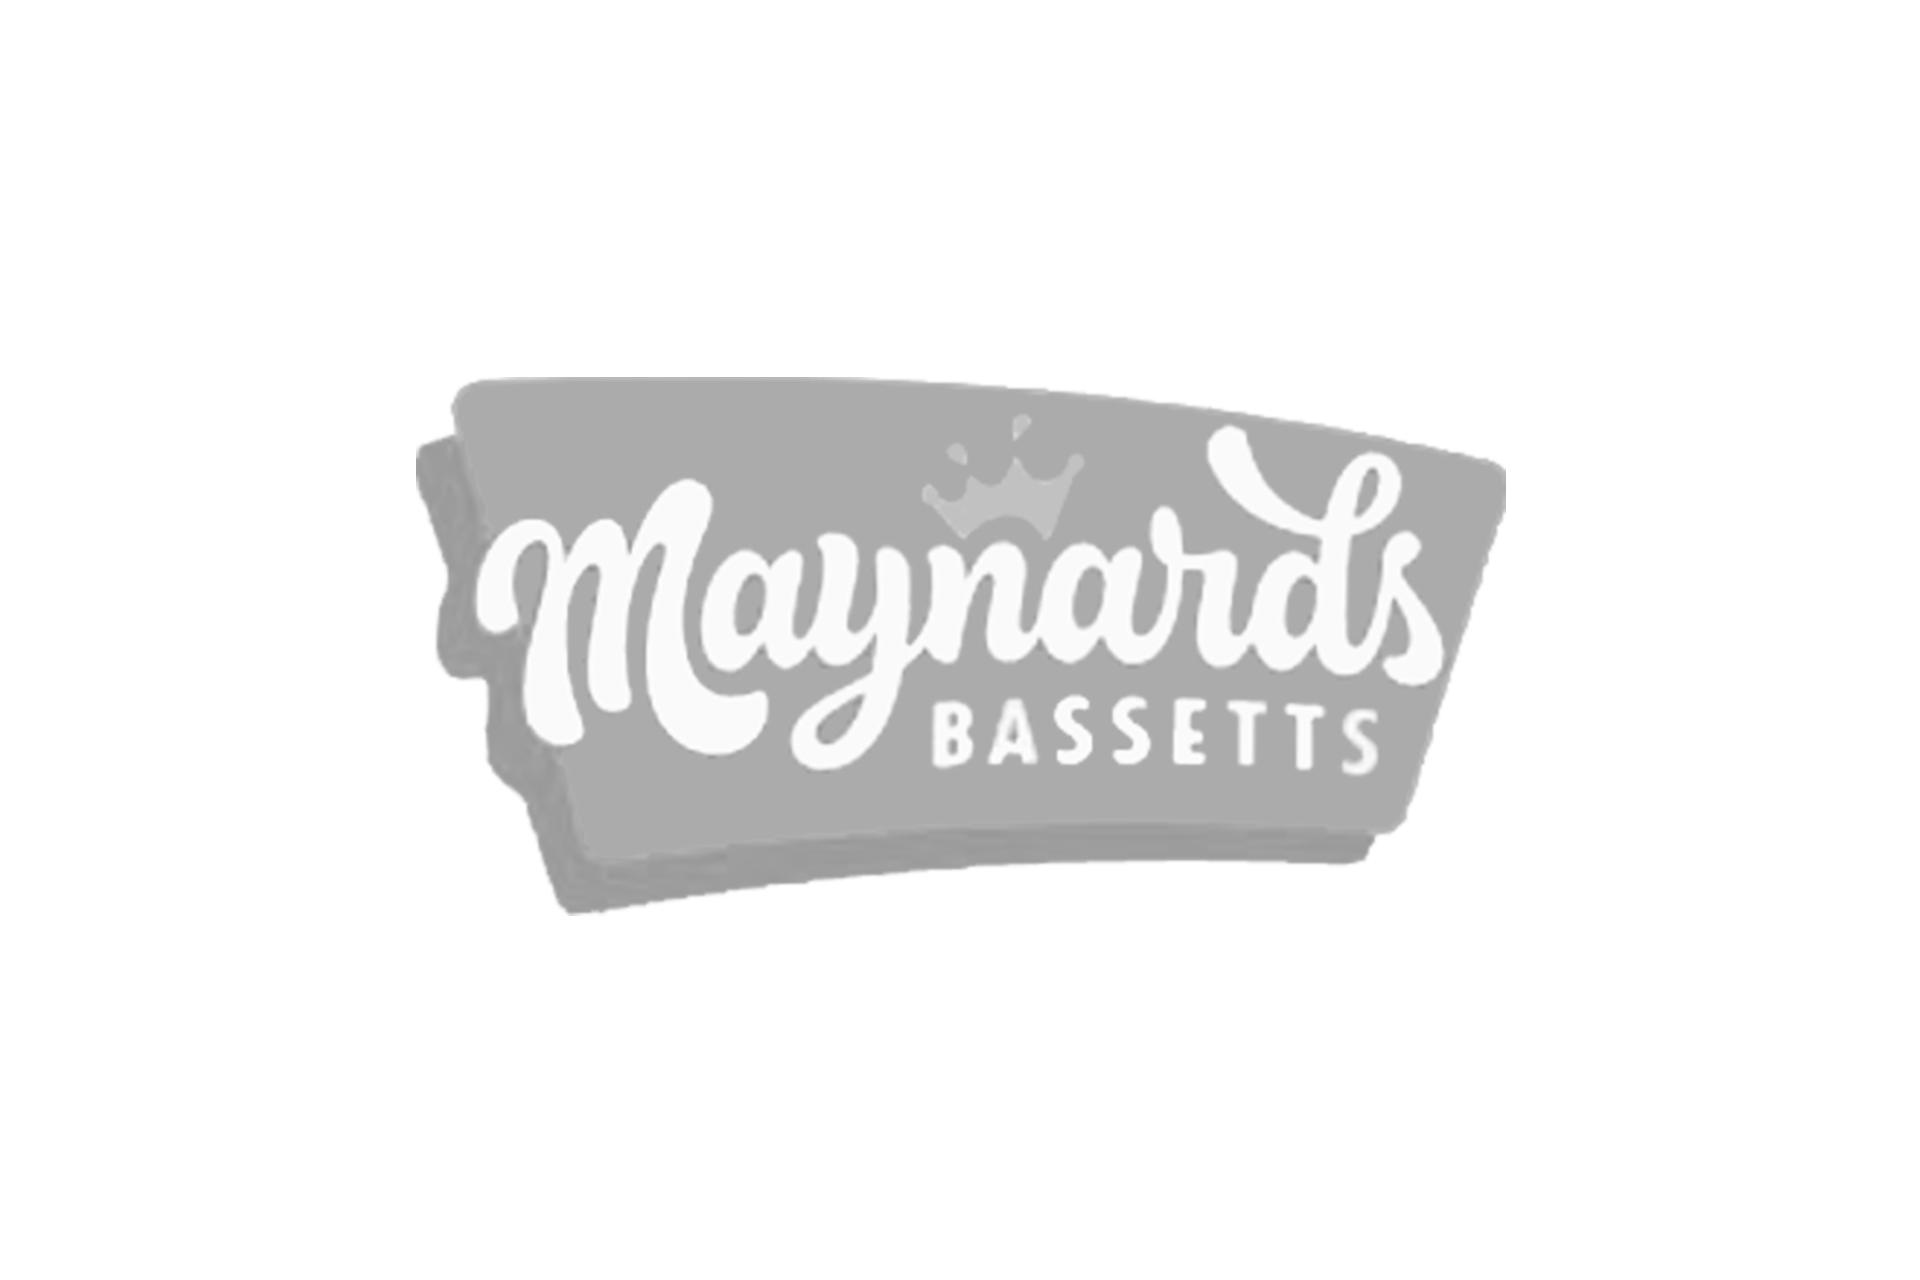 maynards bassetts logo grey